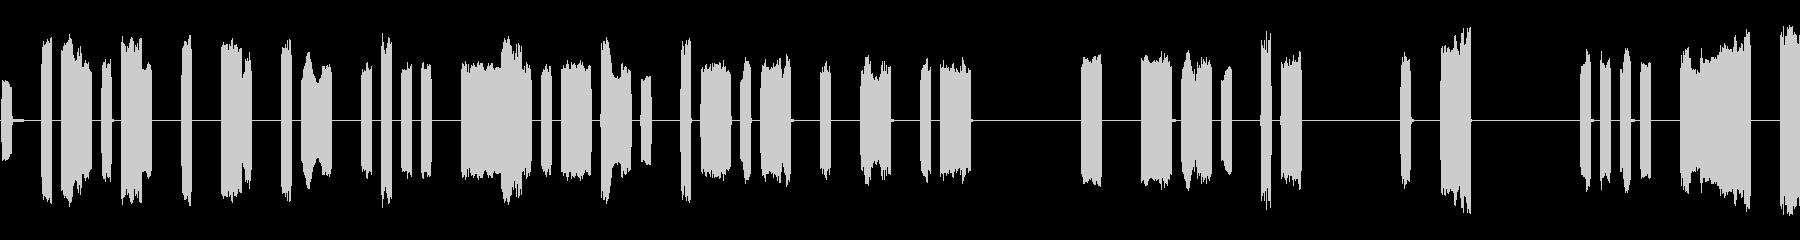 宇宙コンピューターピンボールデータ...の未再生の波形